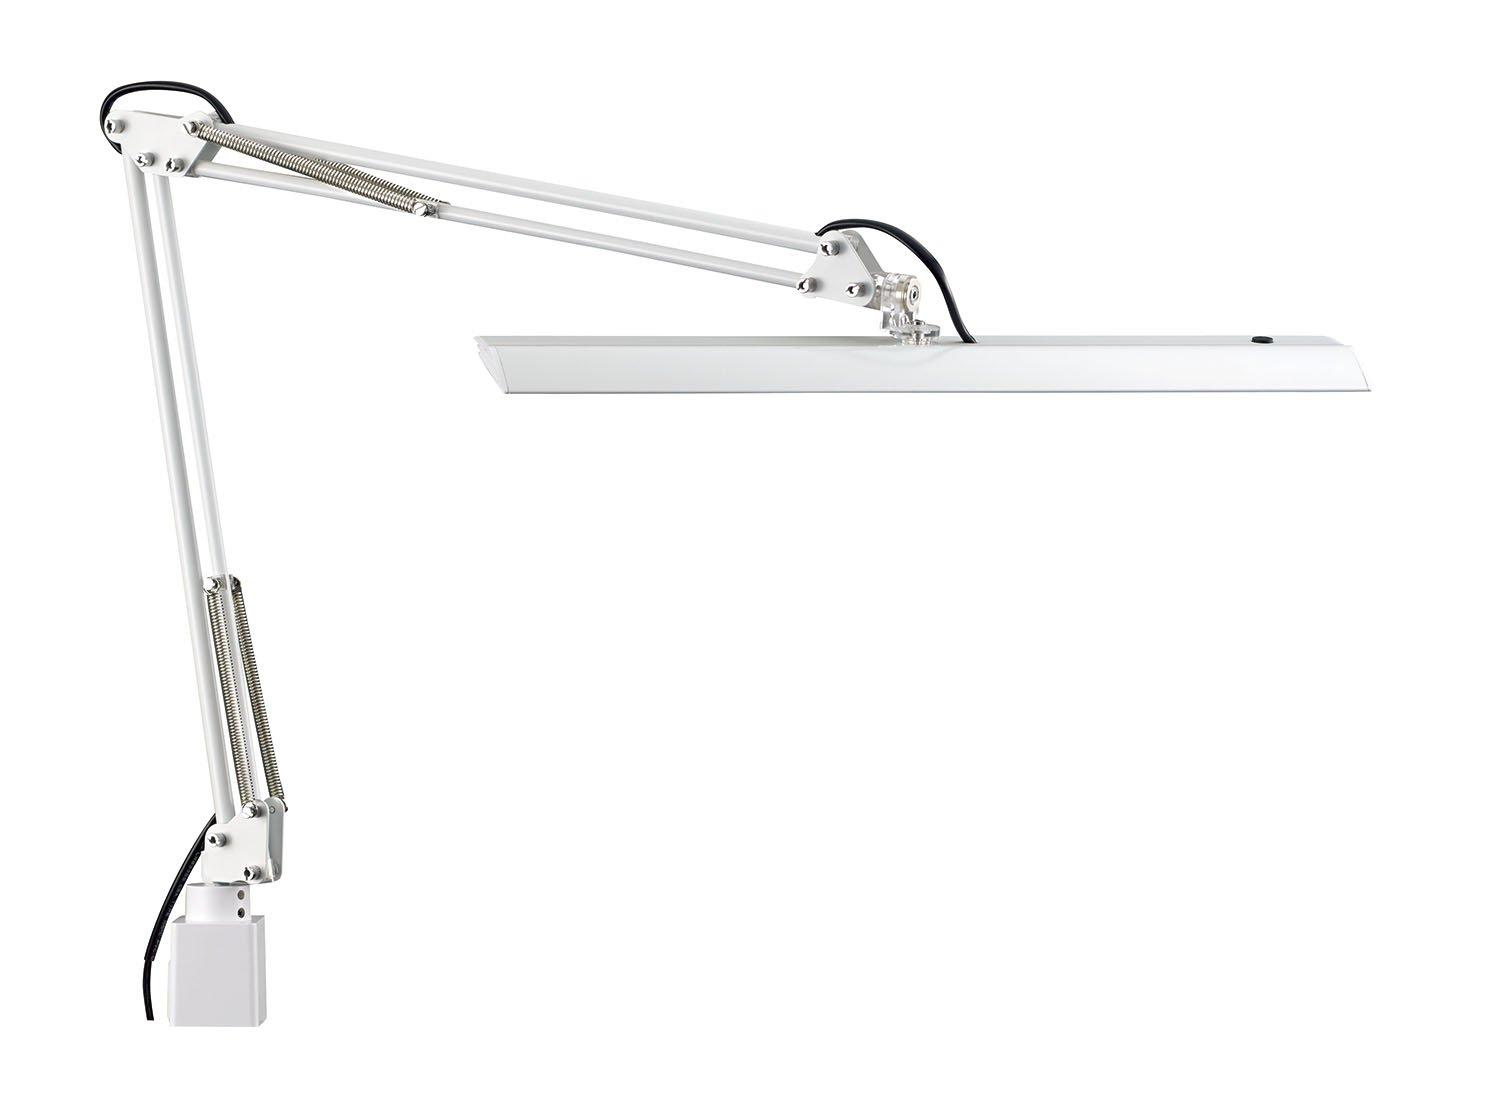 Z-LIGHT LED台灯 Z-10N W 白色 亮度2430Lx 连续调光 需配变压器